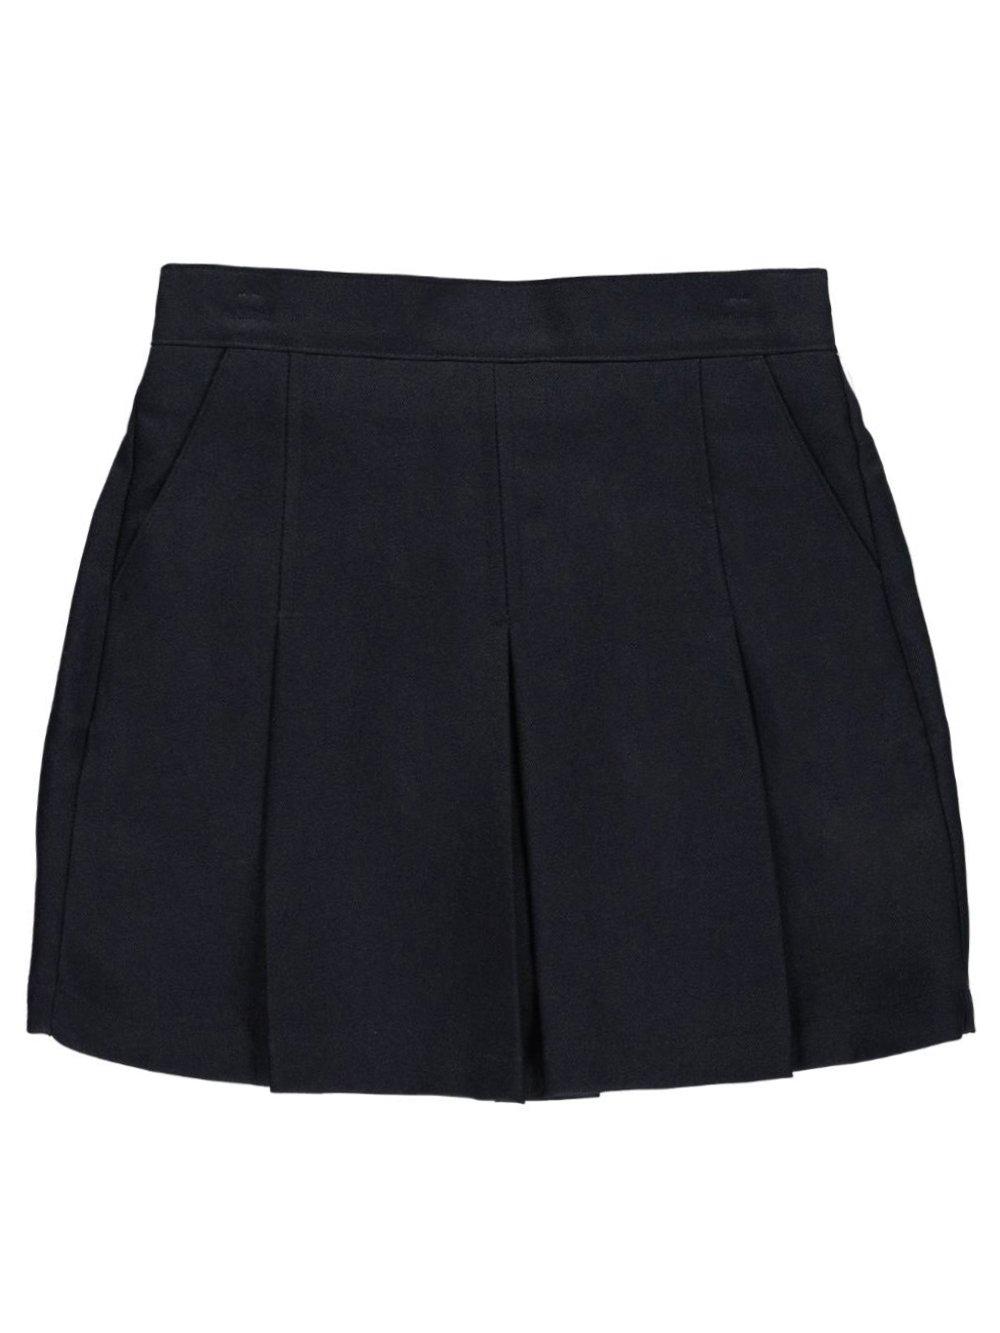 Nautica Big Girls' Kickpleat Scooter Skirt - Navy, 10